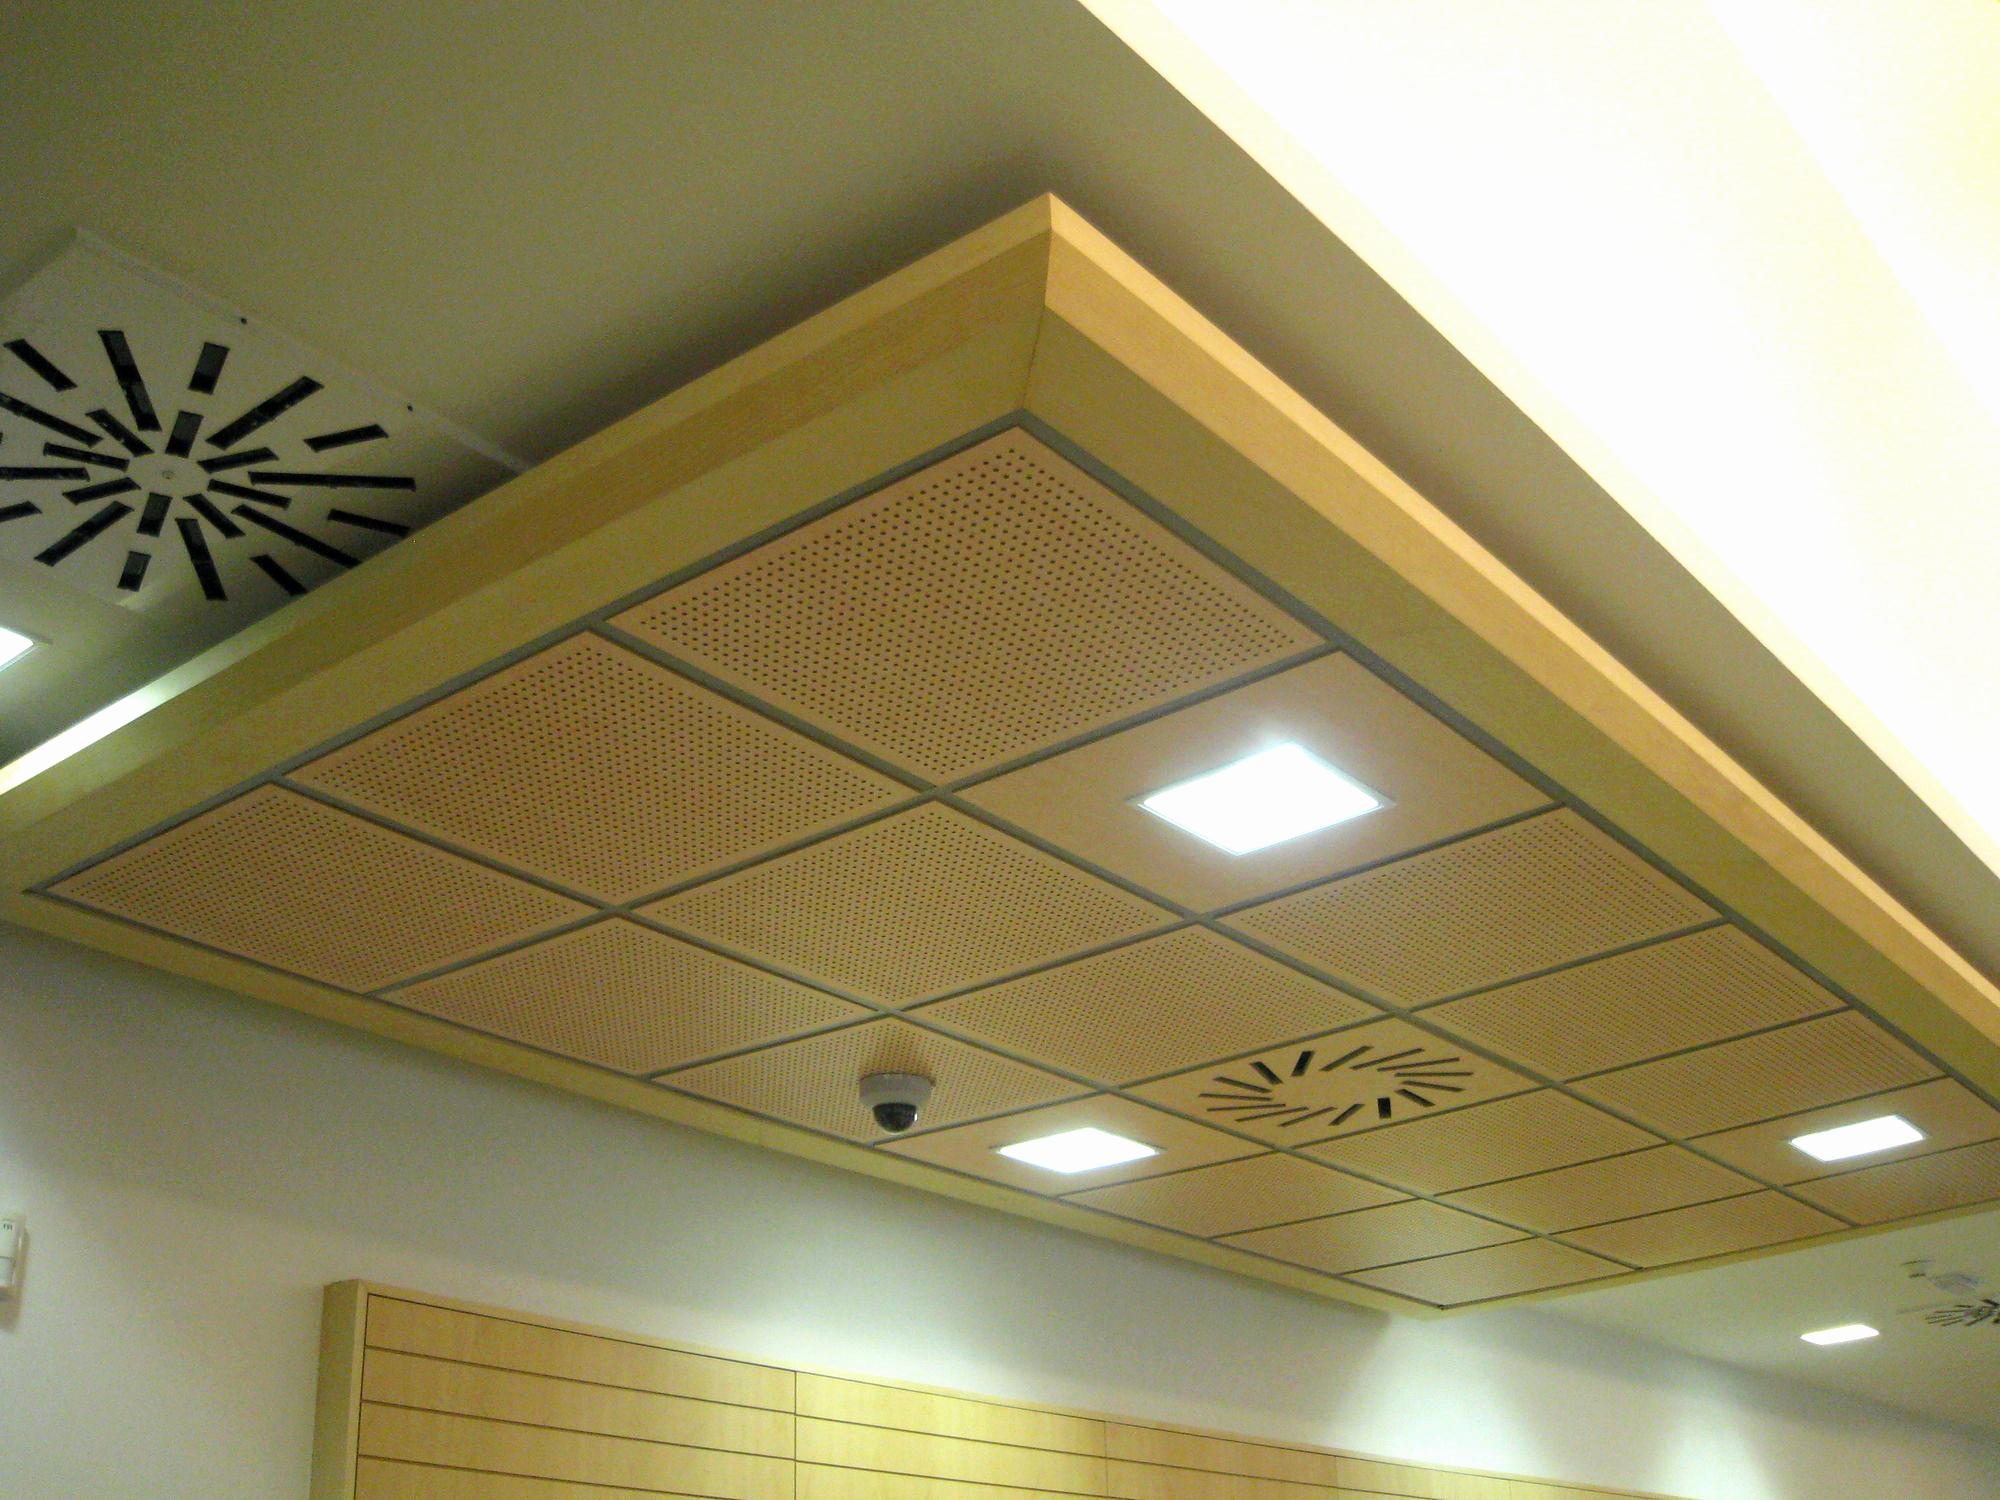 Dalle Faux Plafond 60X60 Brico Depot Source D'Inspiration ... destiné Dalle Plafond 60X60 Brico Dépôt